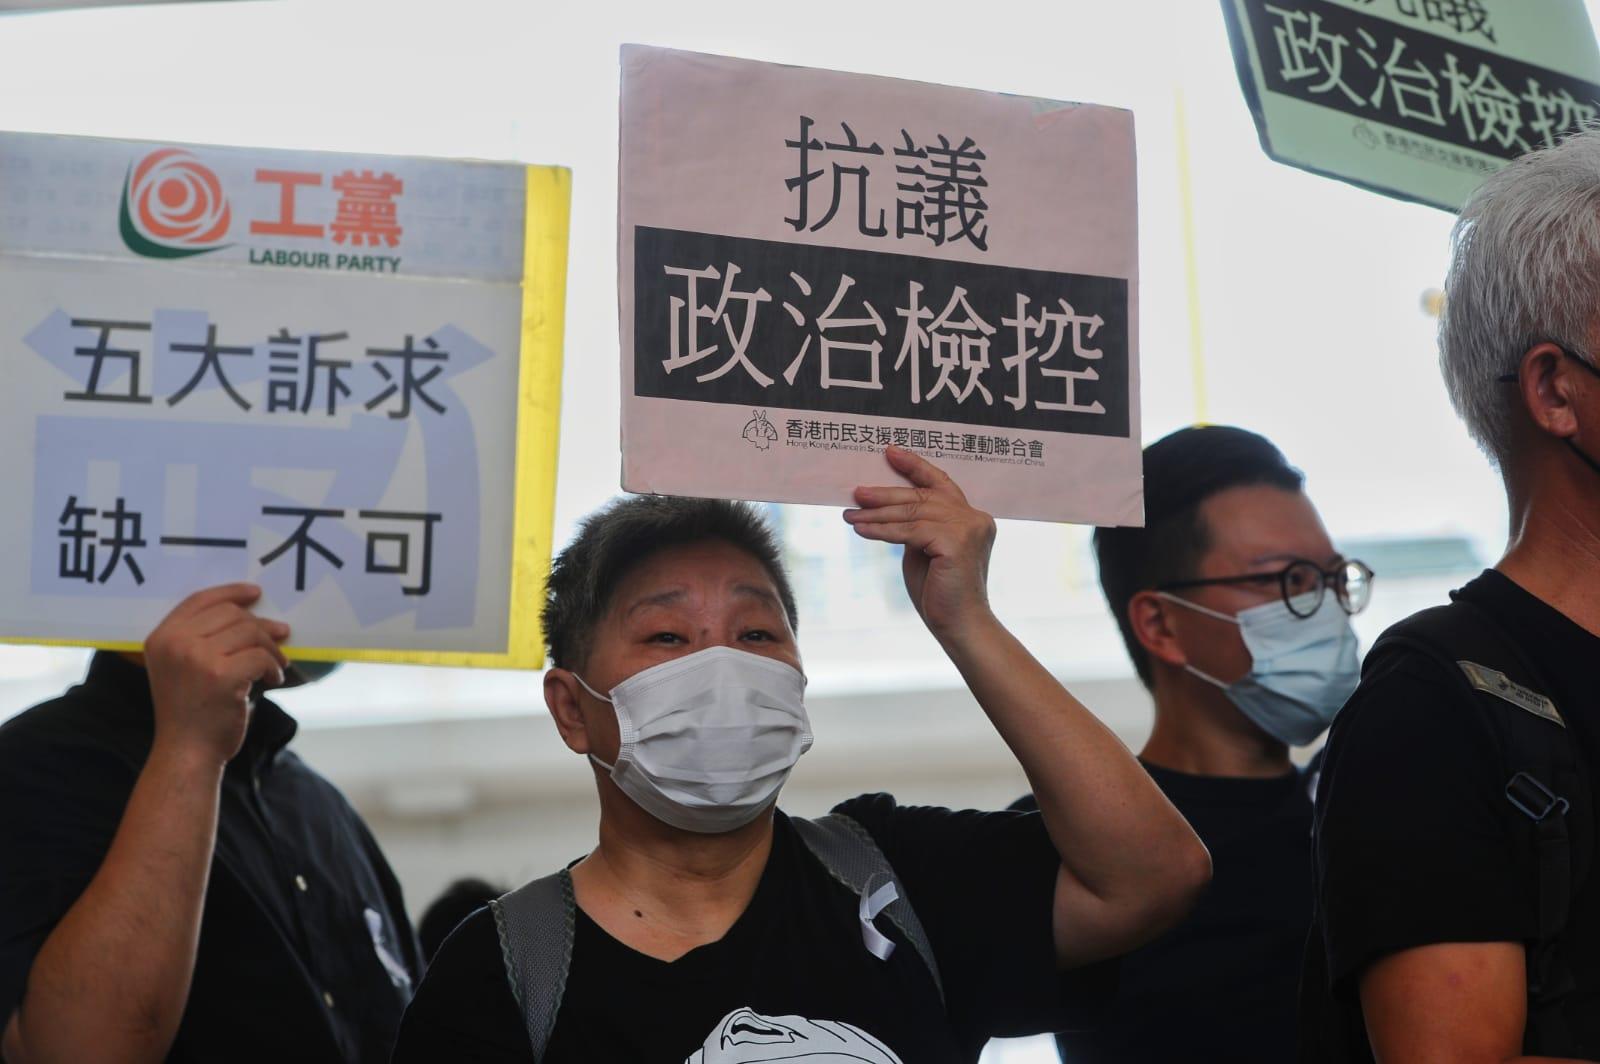 眾多民主派的支持者們也前來聲援,他們手舉「抗議政治檢控」、「保障公民權利,集會遊行自由」的標語,並高呼「廢除國安法」、「五大訴求,缺一不可」等口號。(宋碧龍 / 大紀元)